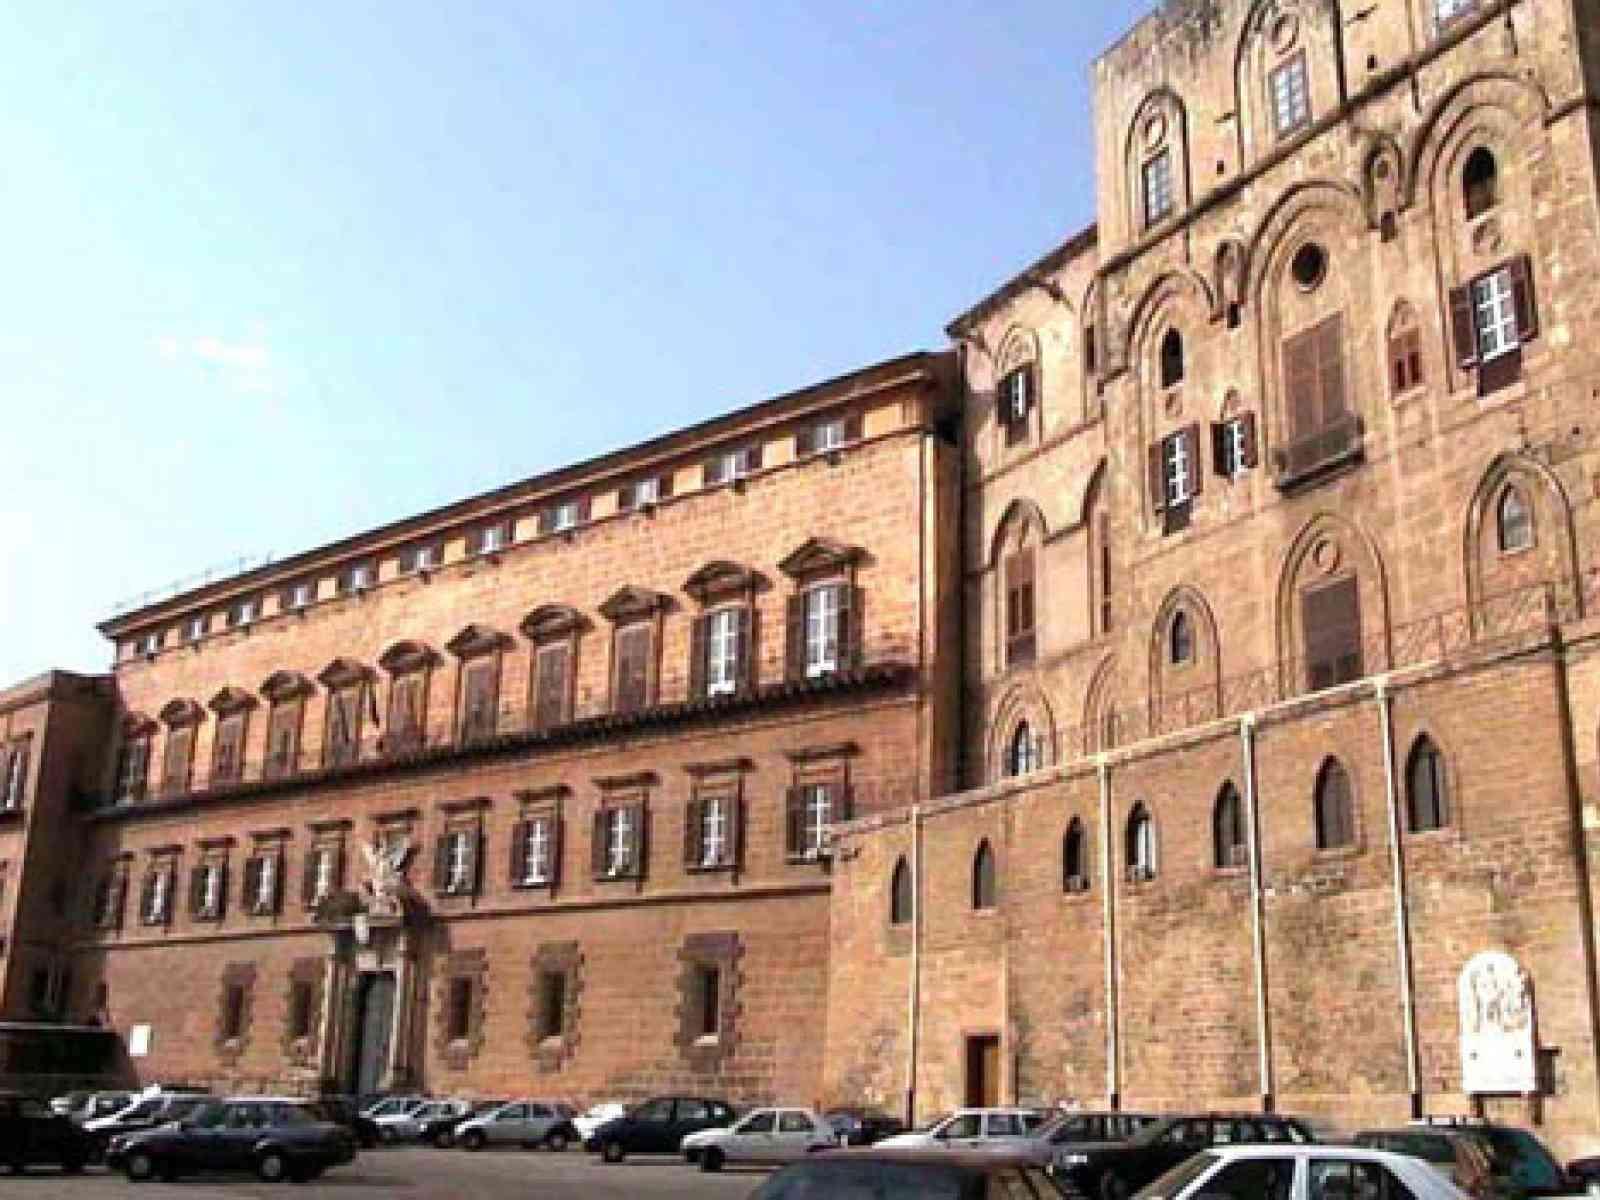 Immagine articolo: La divisione amministrativa e l'antico parlamento siciliano dai Normanni ad oggi passando per Federico II